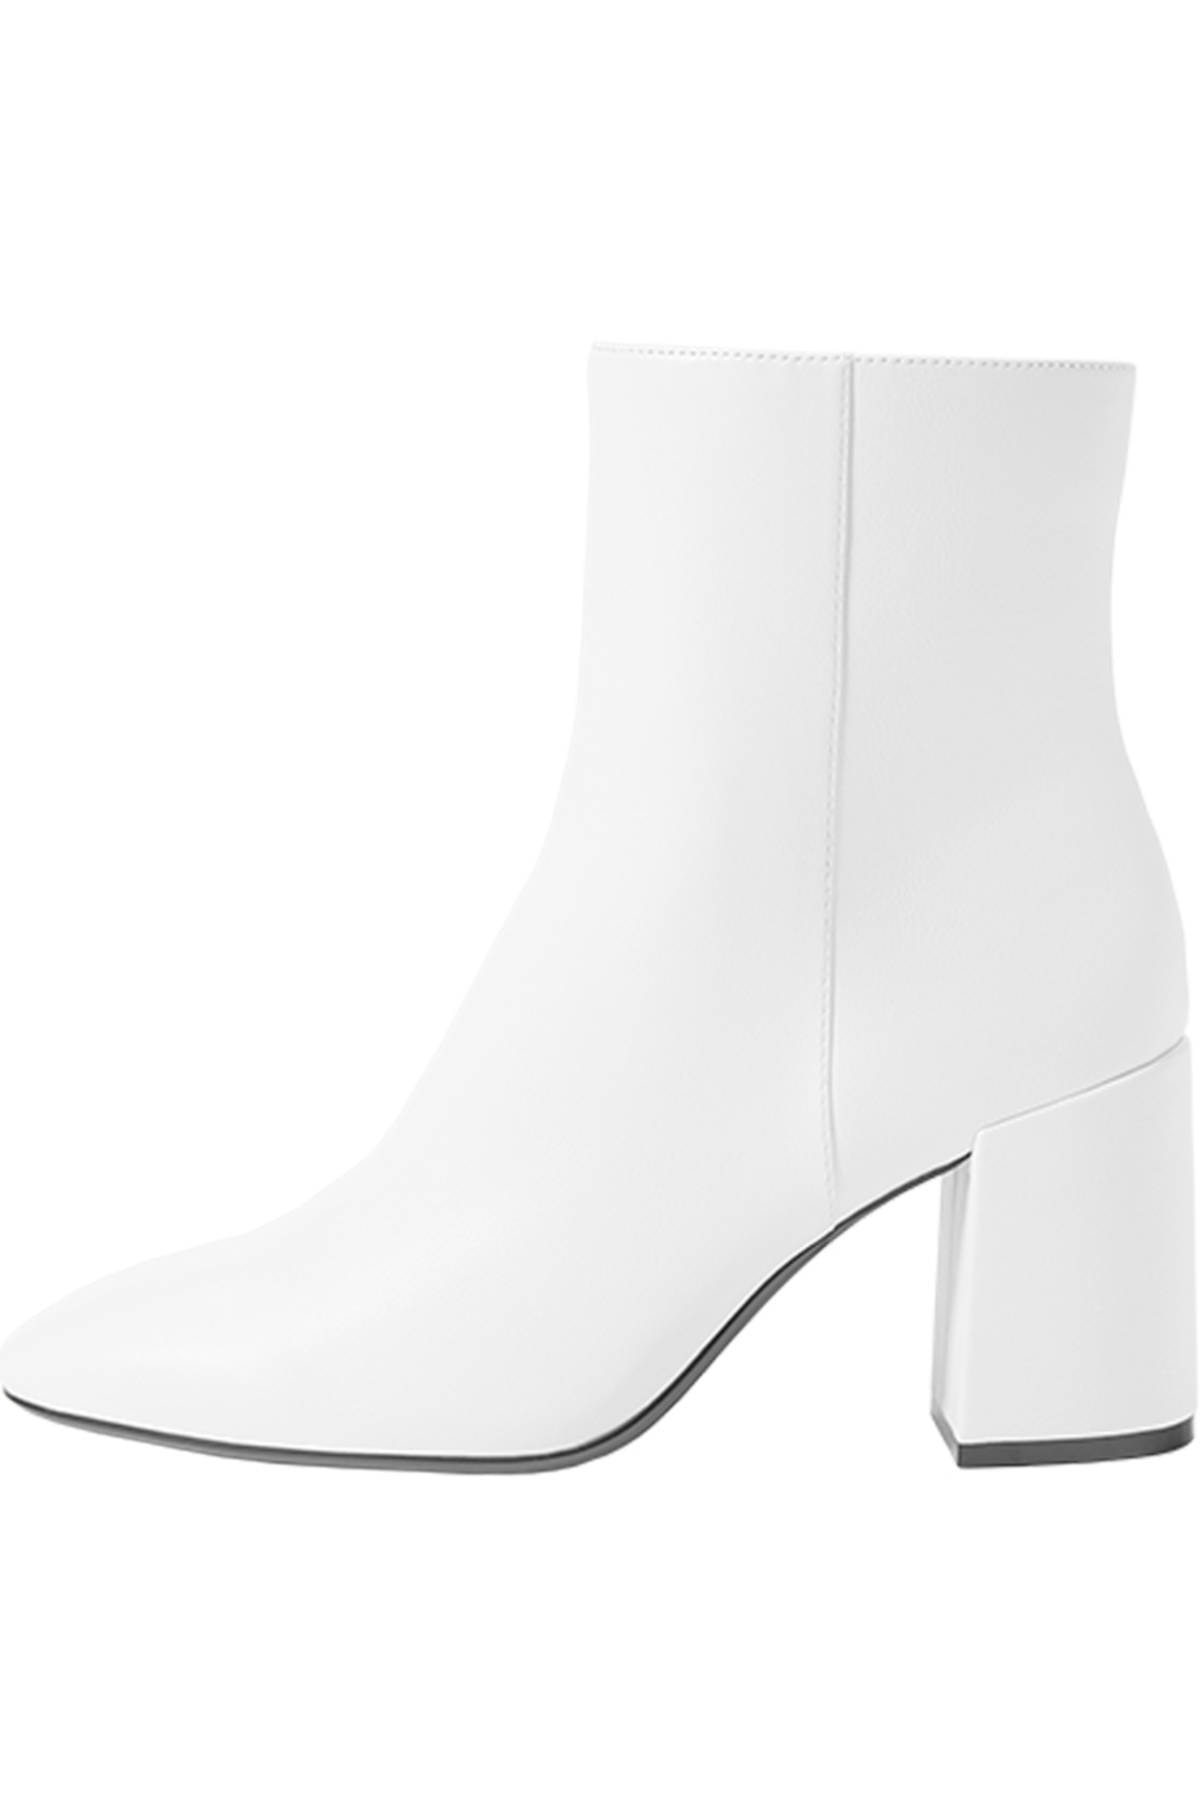 Bershka Kadın Beyaz Fermuarlı Ve Topuklu Bilekte Bot 11109560 1